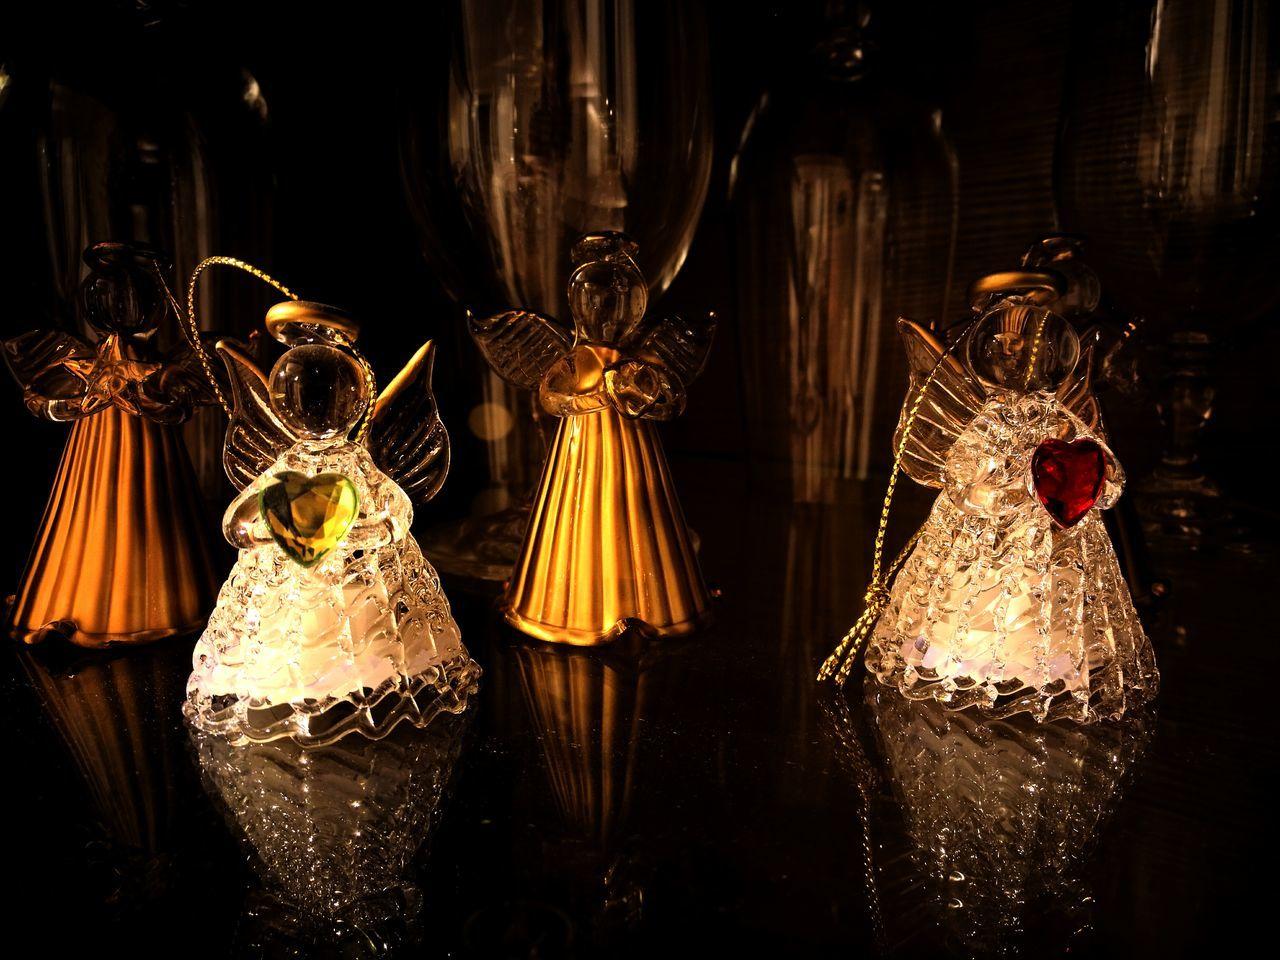 night, celebration, illuminated, indoors, hanging, no people, christmas decoration, close-up